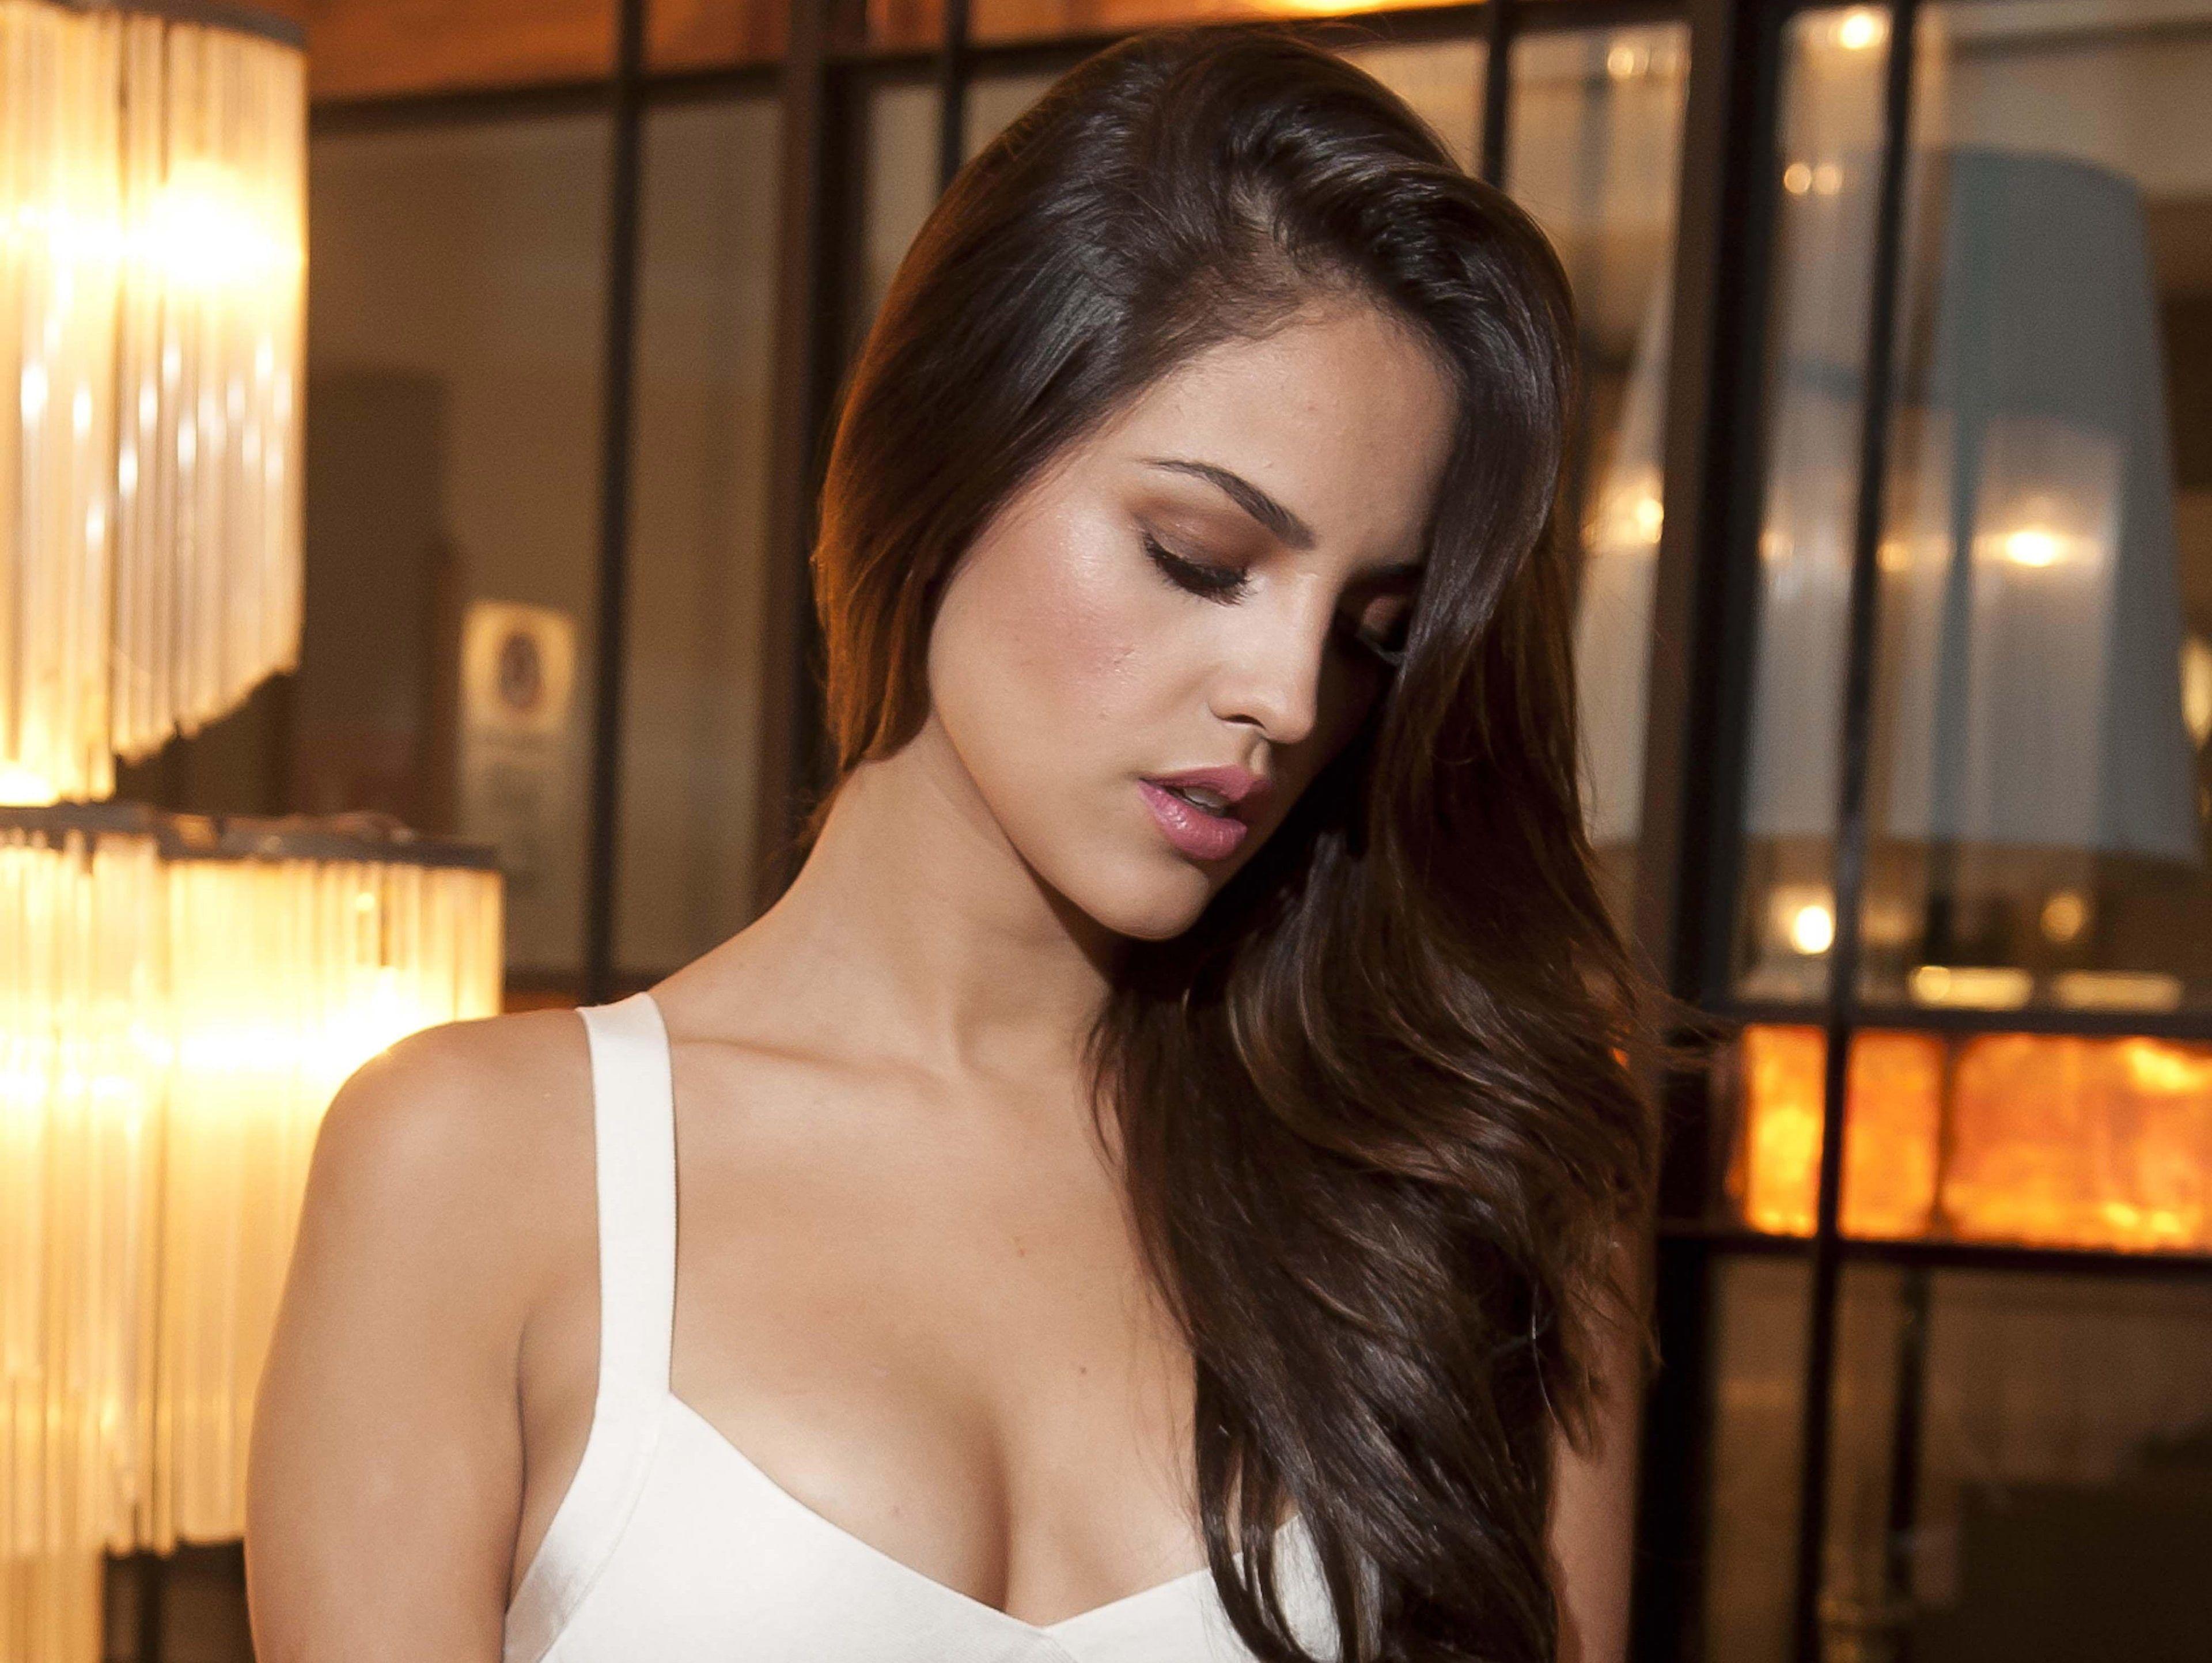 Eiza Gonzalez 4k Best Widescreen 4k Wallpaper Hdwallpaper Desktop Eiza Gonzalez Celebrity Wallpapers Beauty